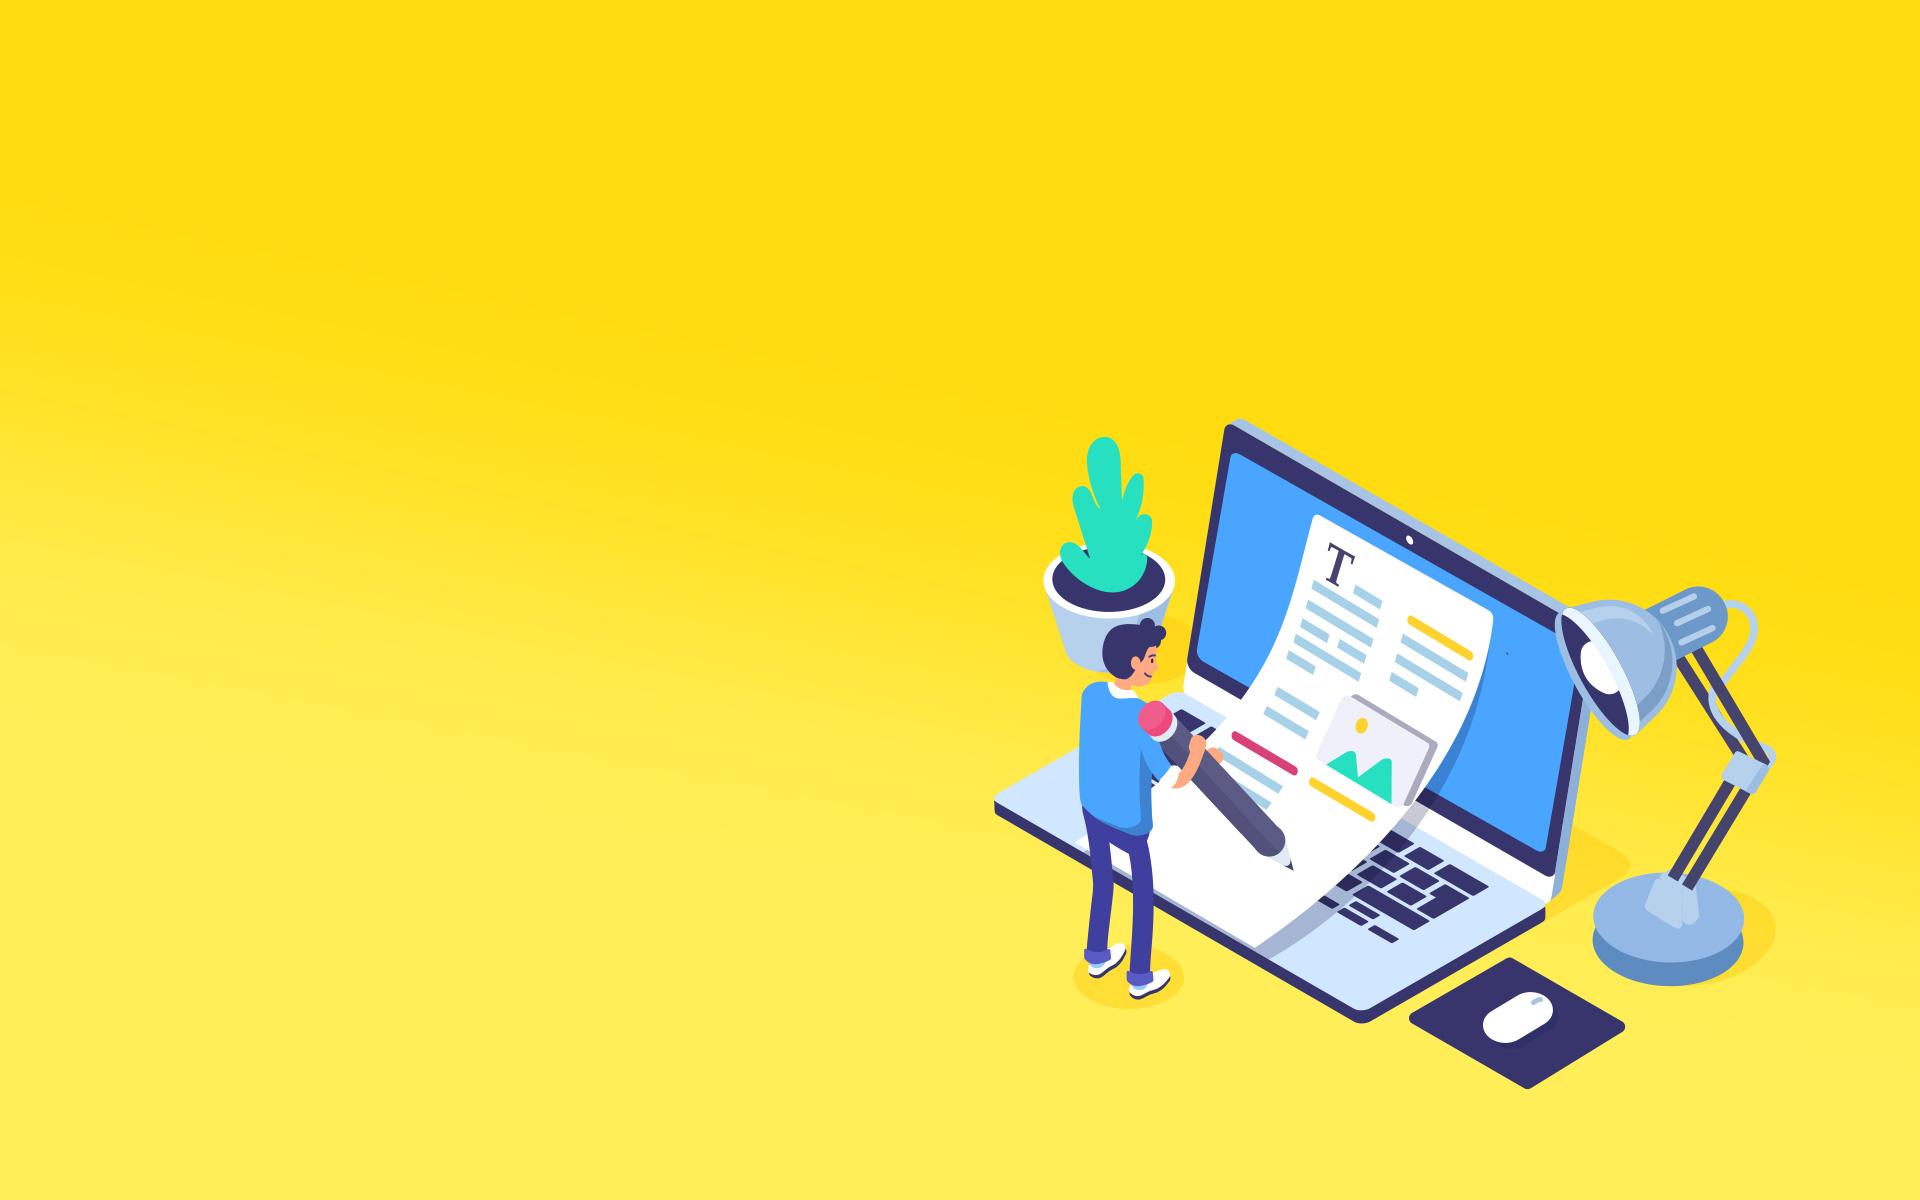 Webinar: Keywords & Content im E-Commerce: Was sucht mein Kunde und mit welchen Inhalten erreiche ich ihn?